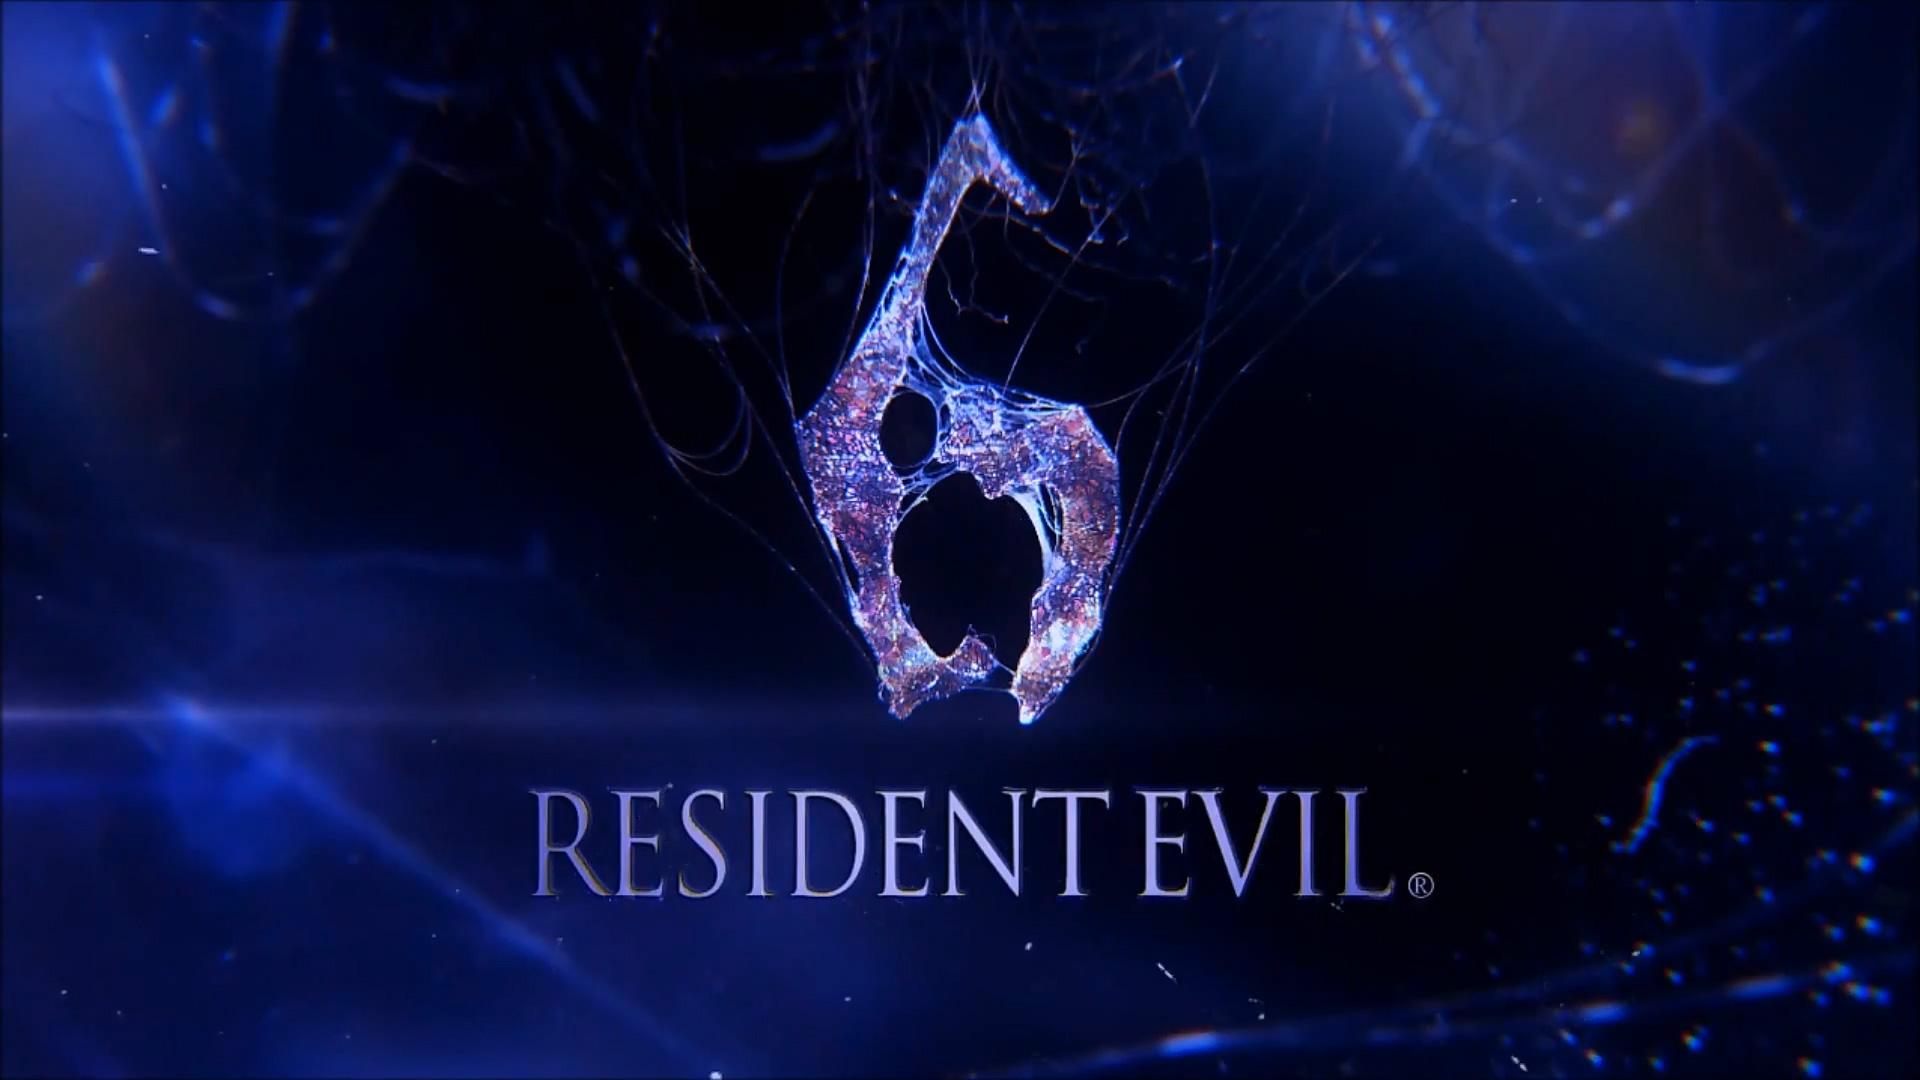 Logo-Resident-Evil-6-RE6-yuiphone-PC-Desktop-Wallpaper-1920x1080